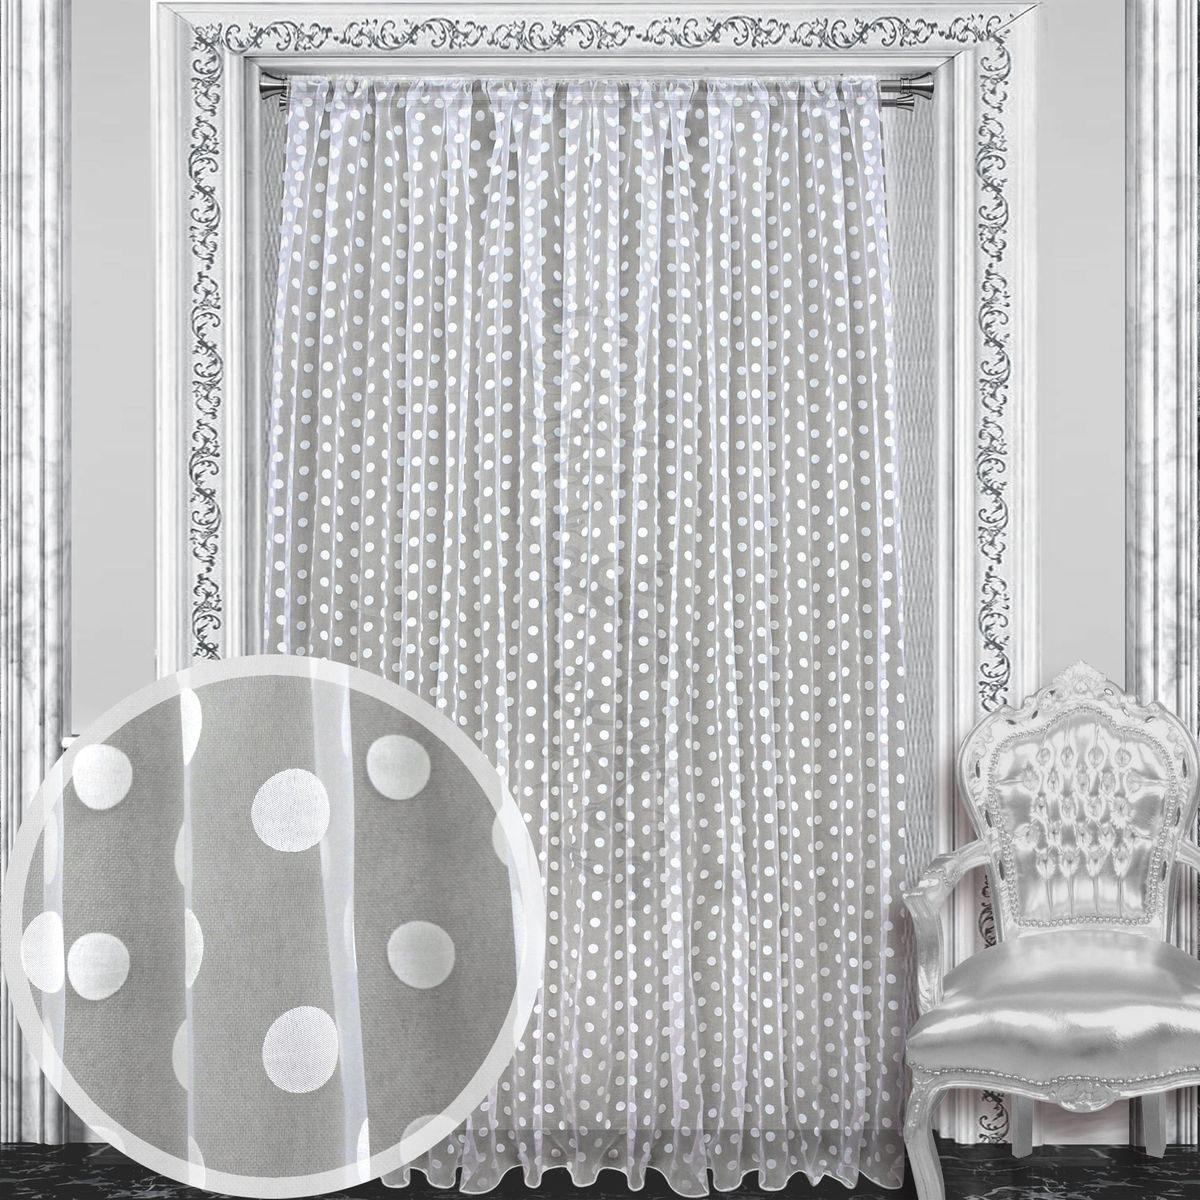 Тюль Amore Mio, на ленте, цвет: белый, высота 270 см. 8611786117Тюль Amore Mio изготовлен из 100% полиэстера. Воздушная ткань привлечет к себе внимание и идеально оформит интерьер любого помещения. Полиэстер - вид ткани, состоящий из полиэфирных волокон. Ткани из полиэстера легкие, прочные и износостойкие. Такие изделия не требуют специального ухода, не пылятся и почти не мнутся.Крепление к карнизу осуществляется при помощи вшитой шторной ленты.